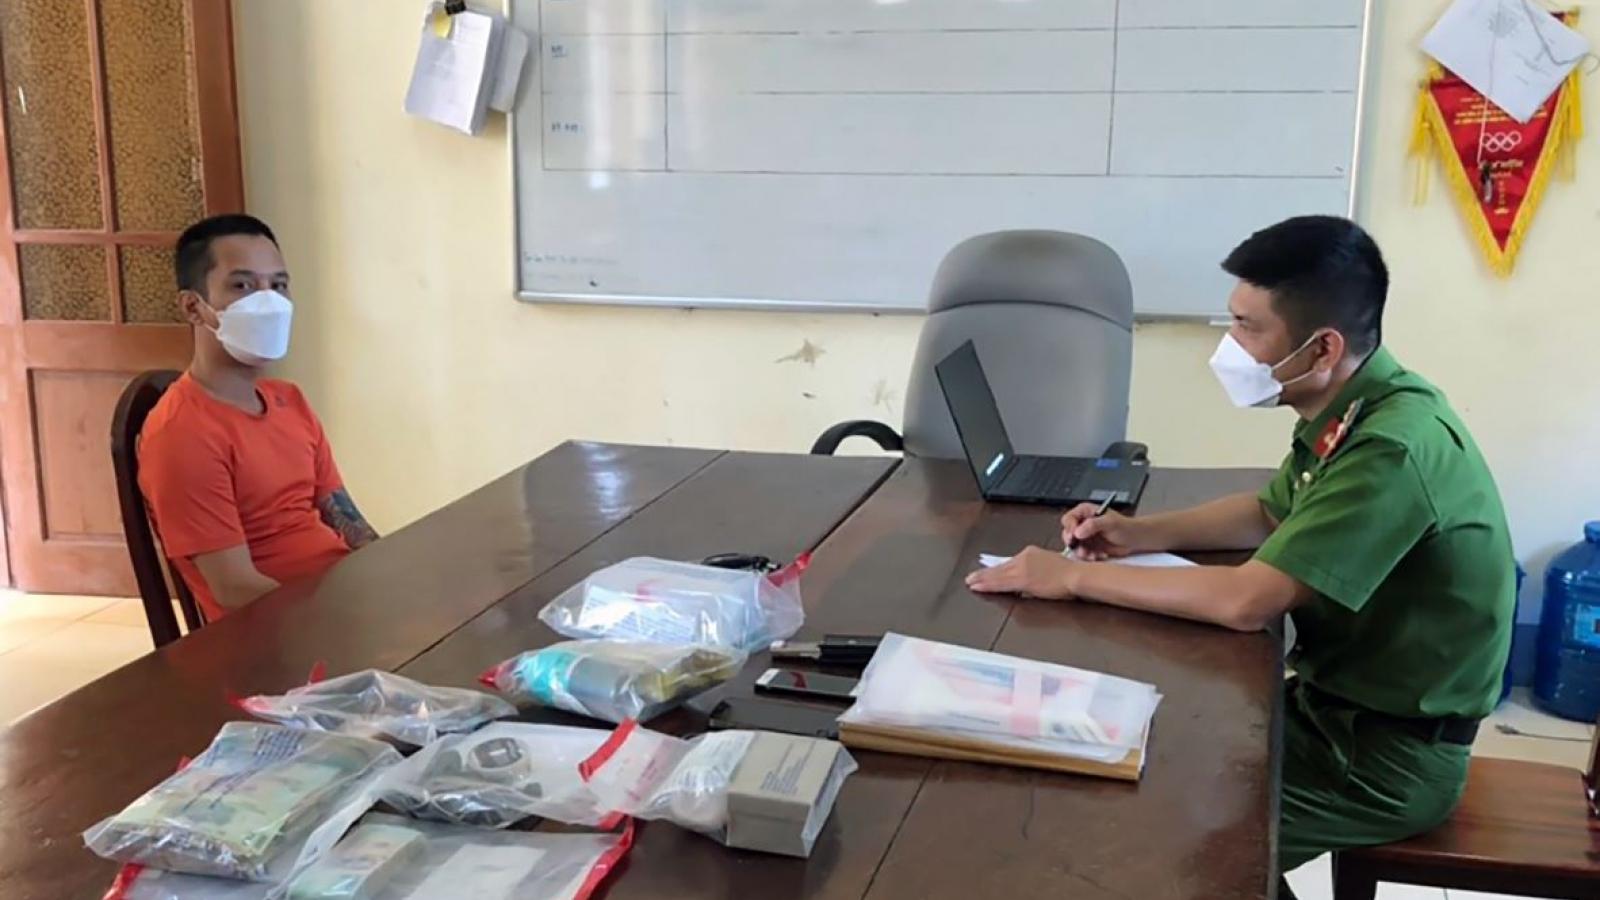 Bắt ông chủ doanh nghiệp vận tải có tiếng ở Nghệ An vì liên quan ma túy